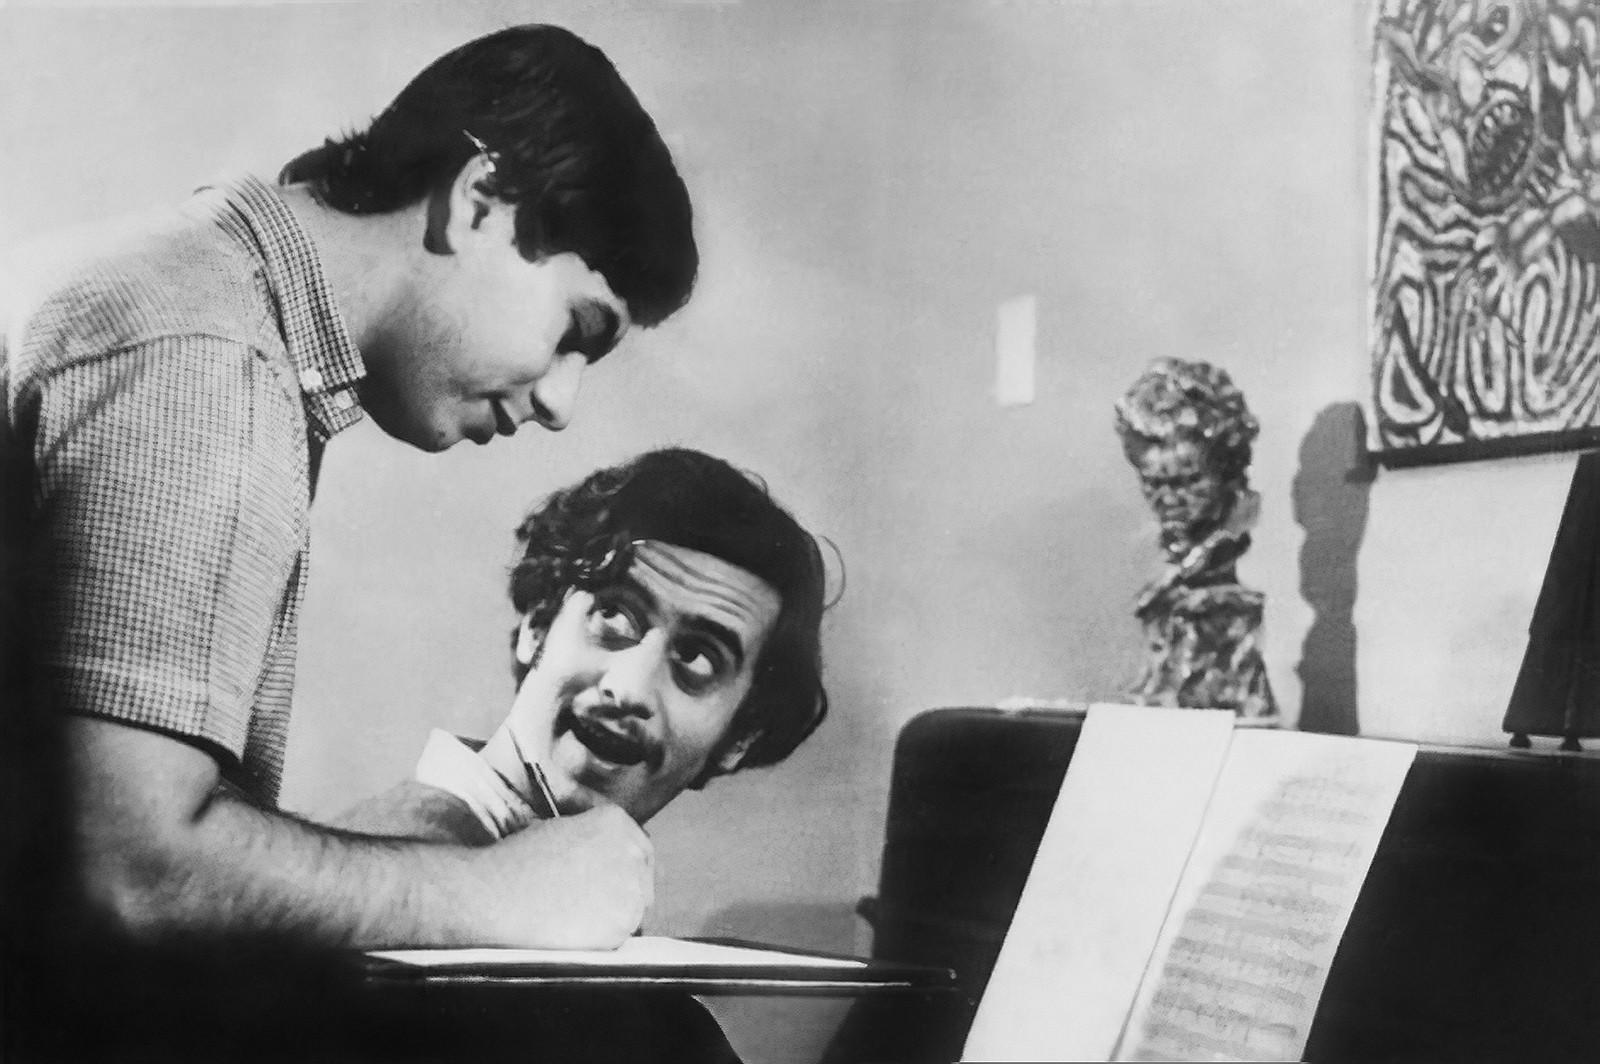 Livro historia obra de compositores que fizeram o povo cantar toadas modernas